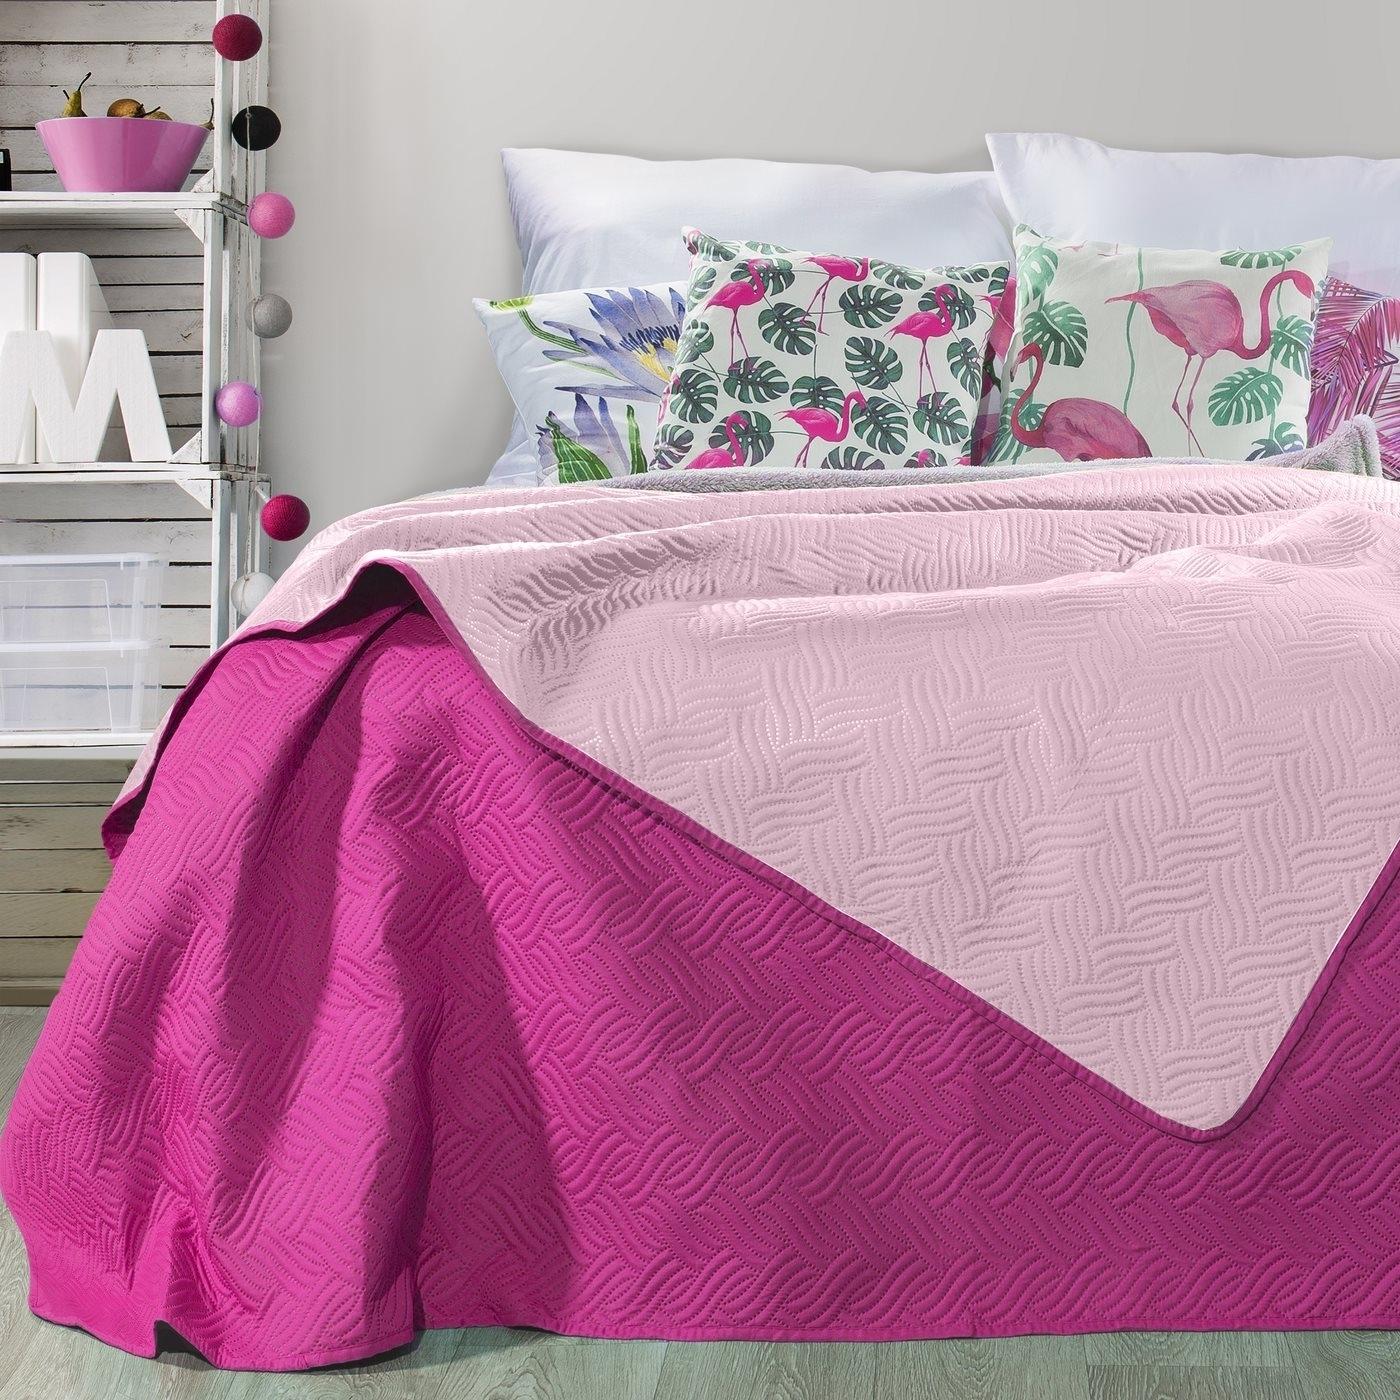 Cuvertura reversibila Fala Light Pink / Purple 220 x 240 cm